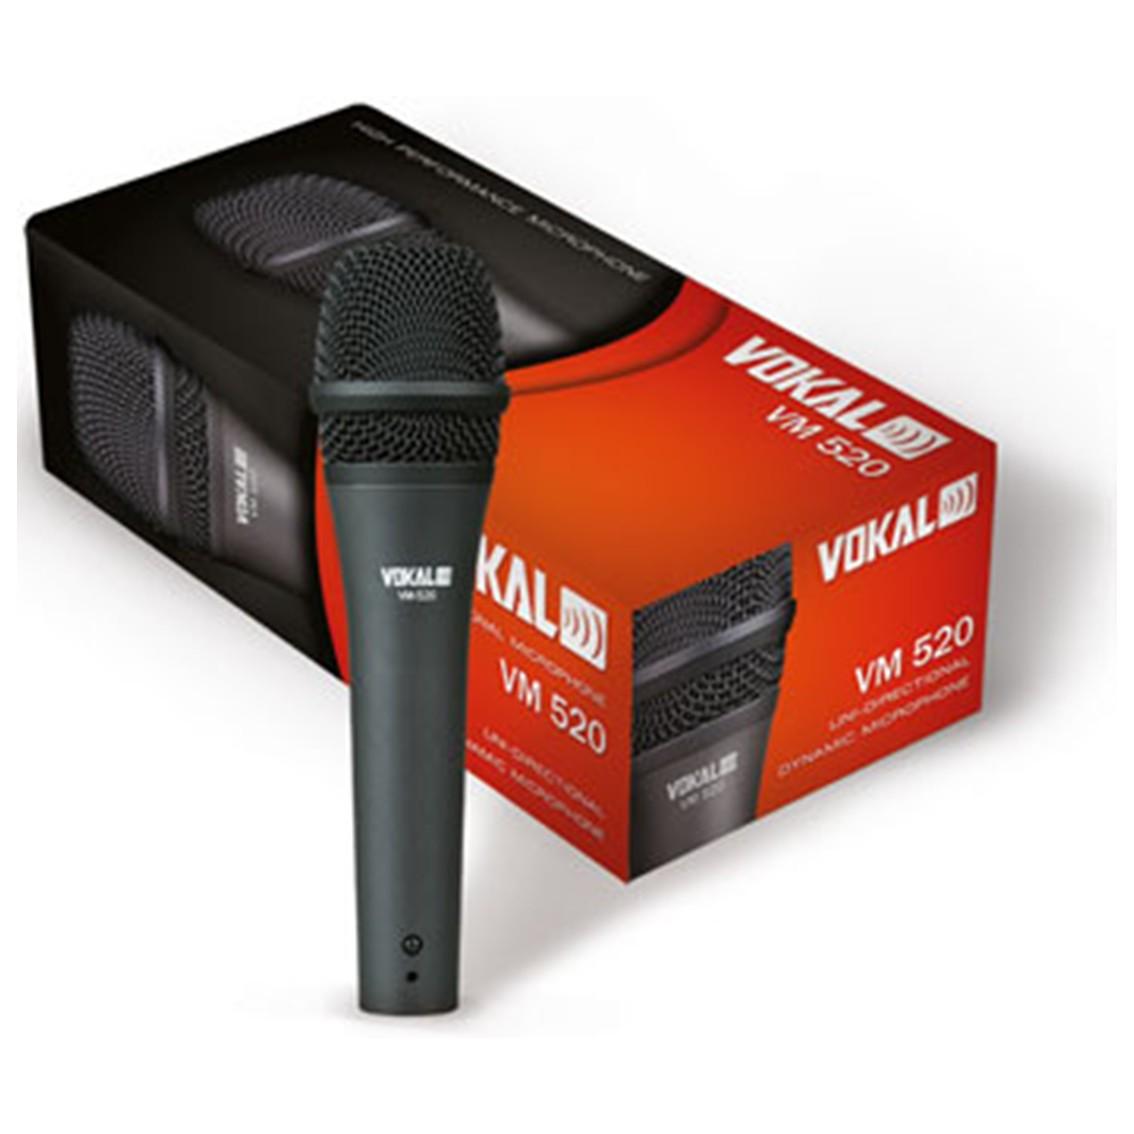 Imagem do produto Microfone com Fio Vokal VM-520